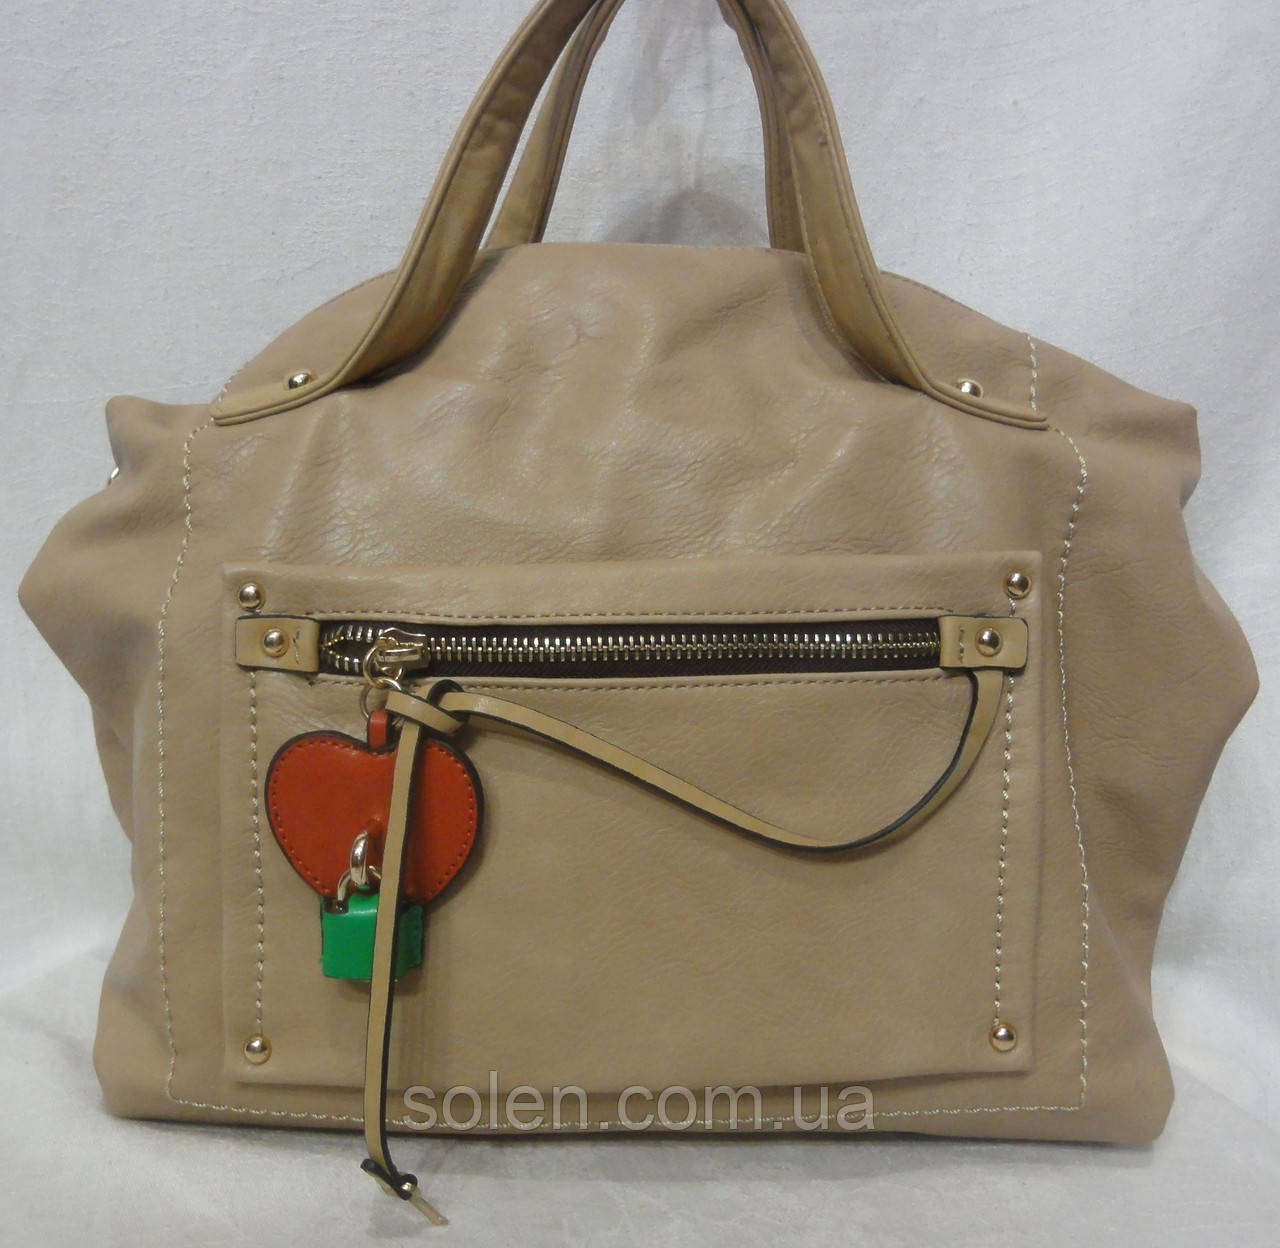 Женская сумка из кожзаменителя.